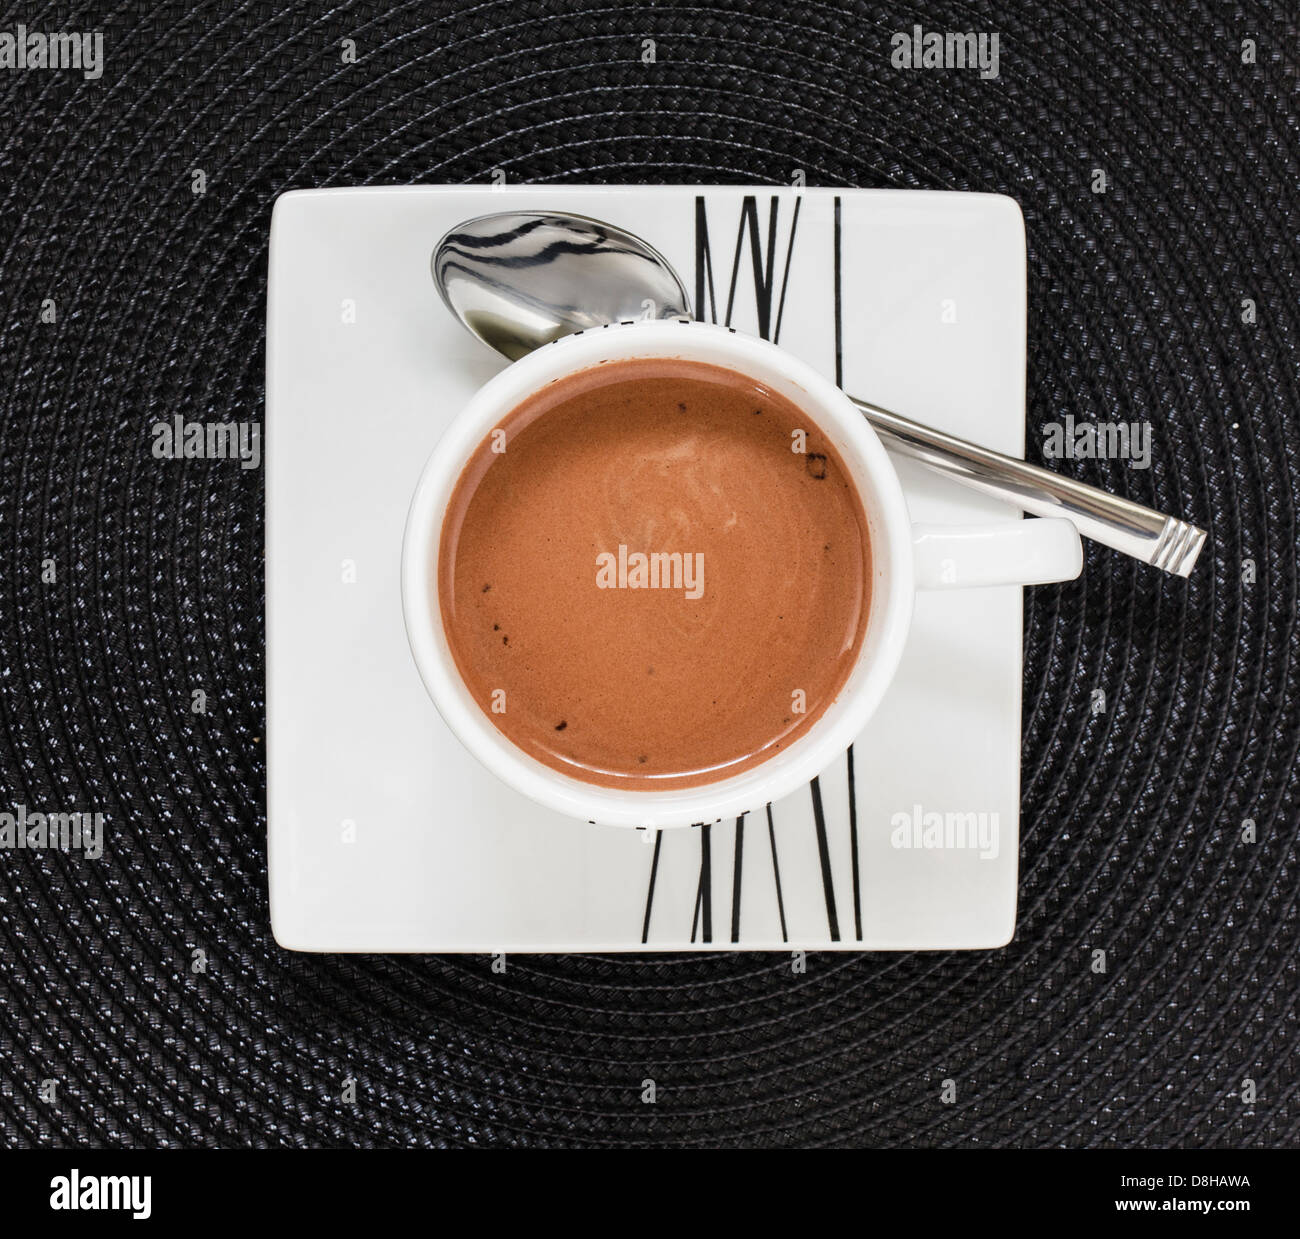 Boire un chocolat chaud dans la tasse et soucoupe blanc sur noir tapis Photo Stock